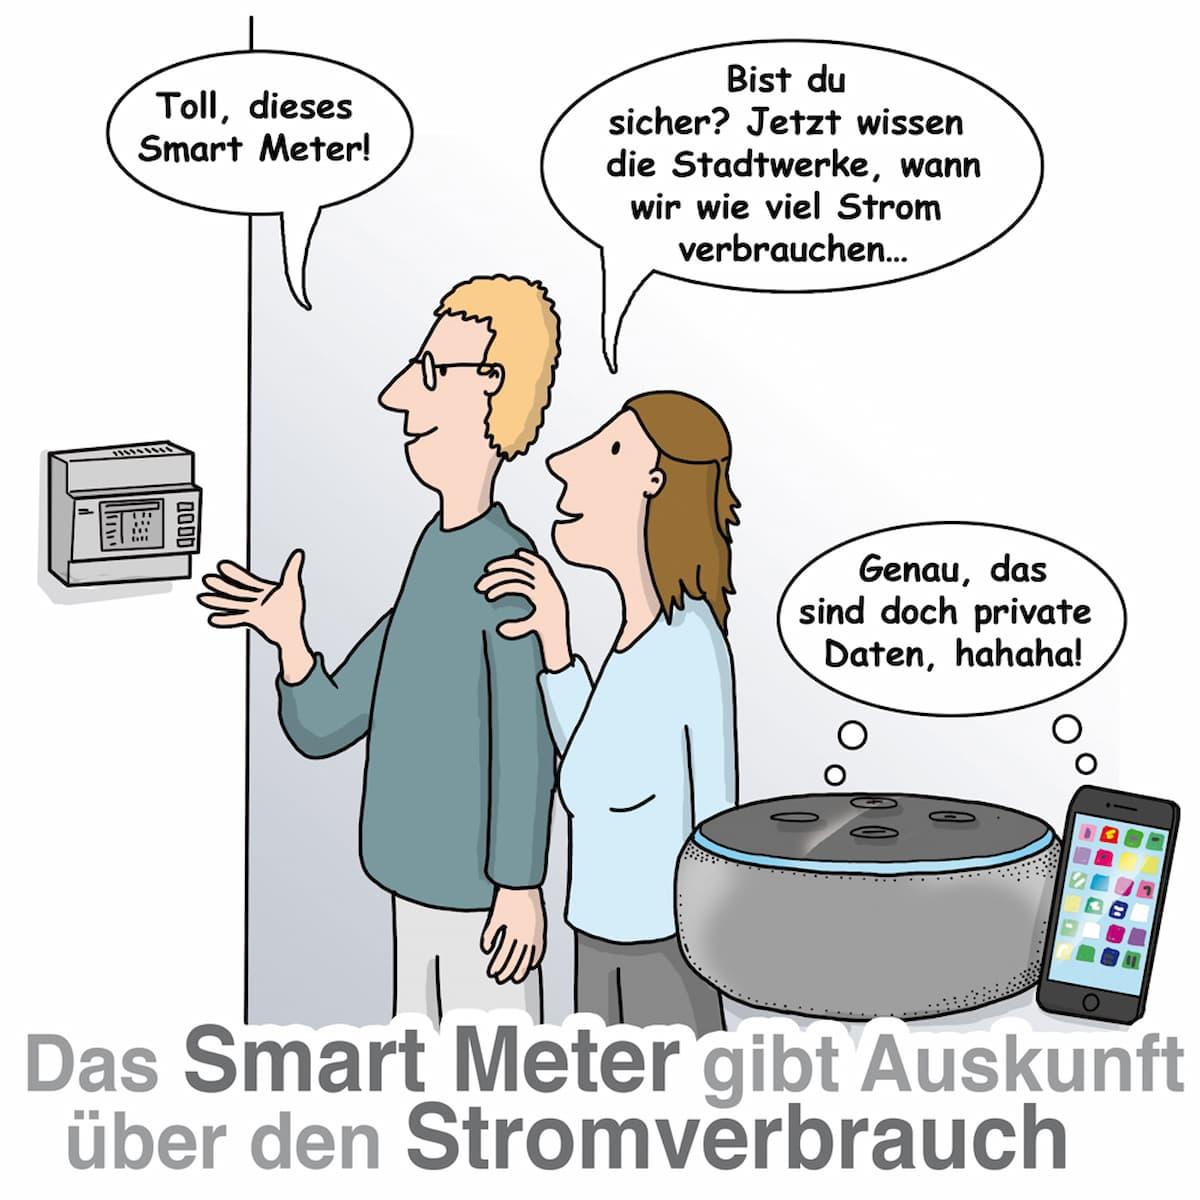 Smart Meter: Der Datenschutz ist ein wichtiges Thema